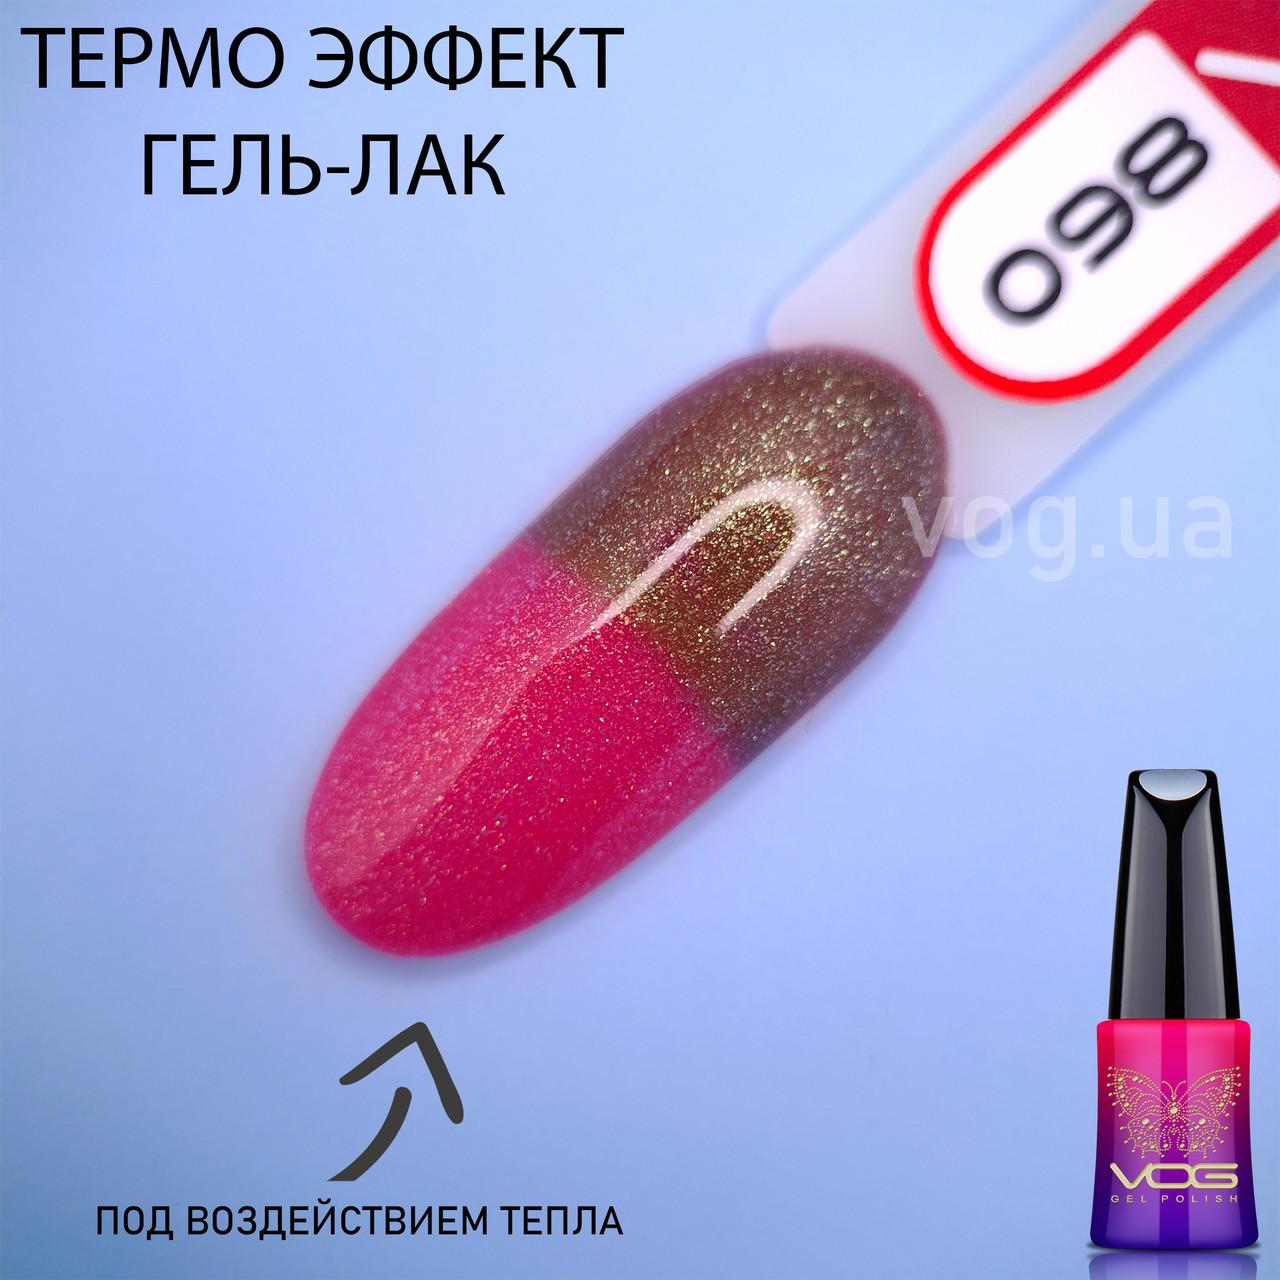 Термо Гель-Лак №098 VOG США 12мл